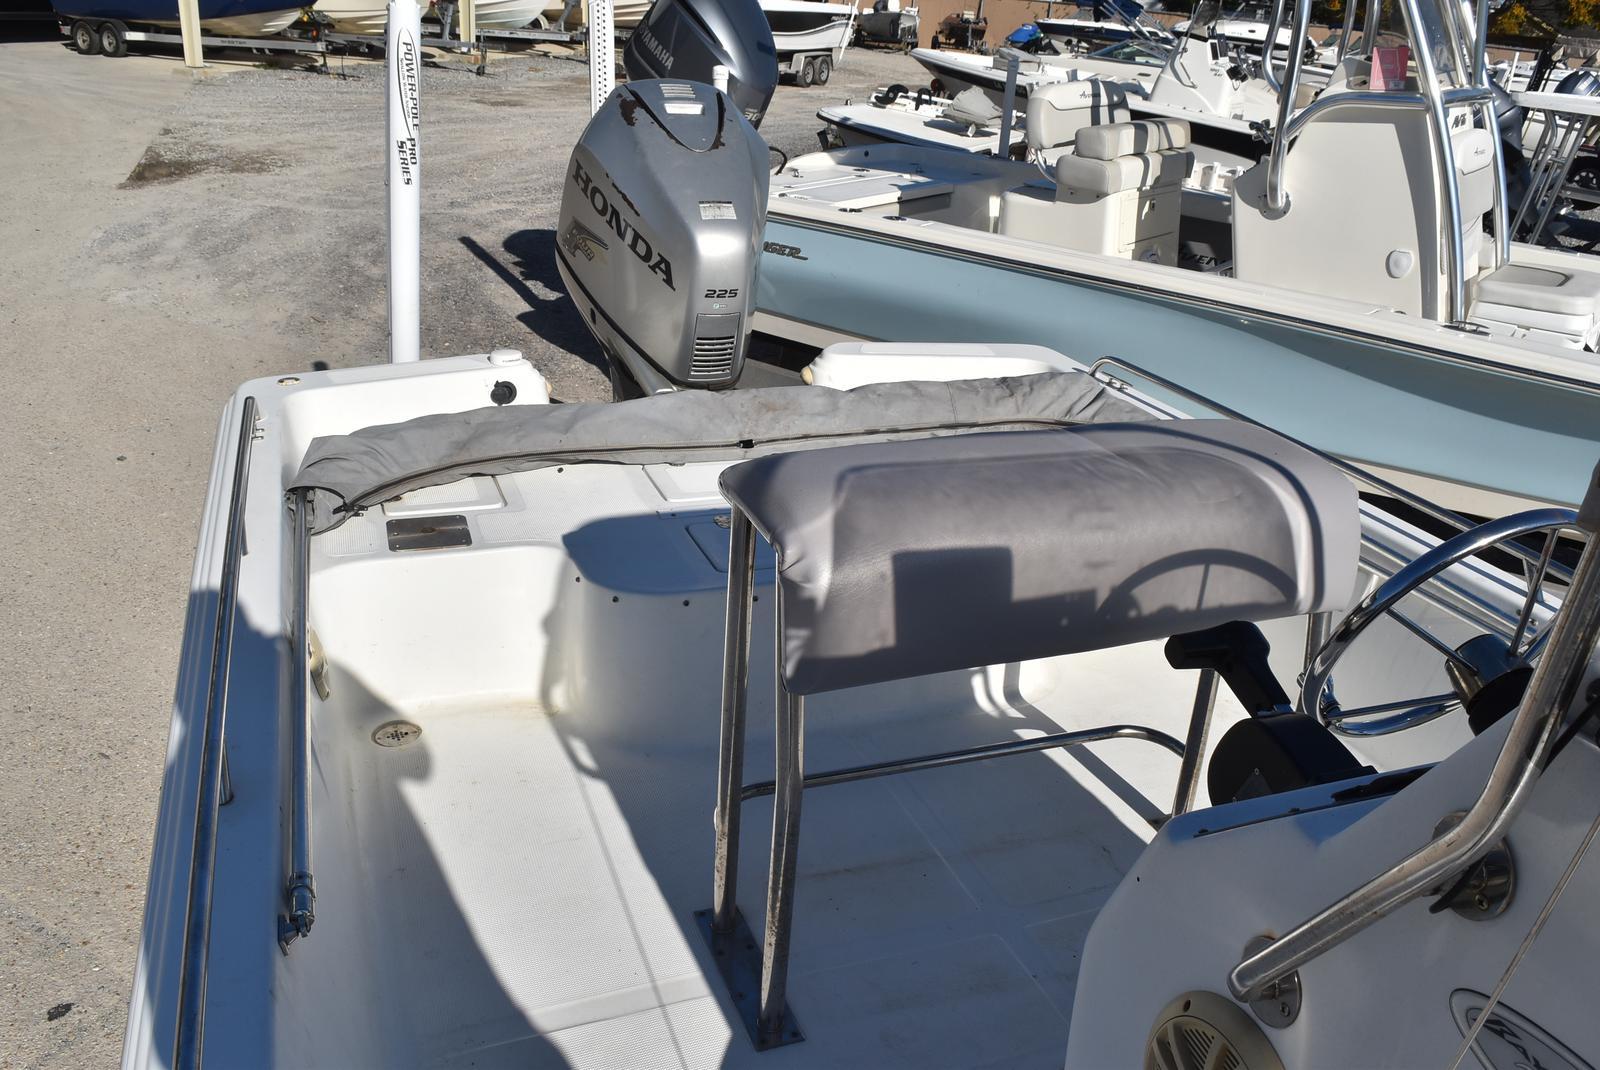 New  2004 Bay Stealth Boats Bay Boat in Marrero, Louisiana